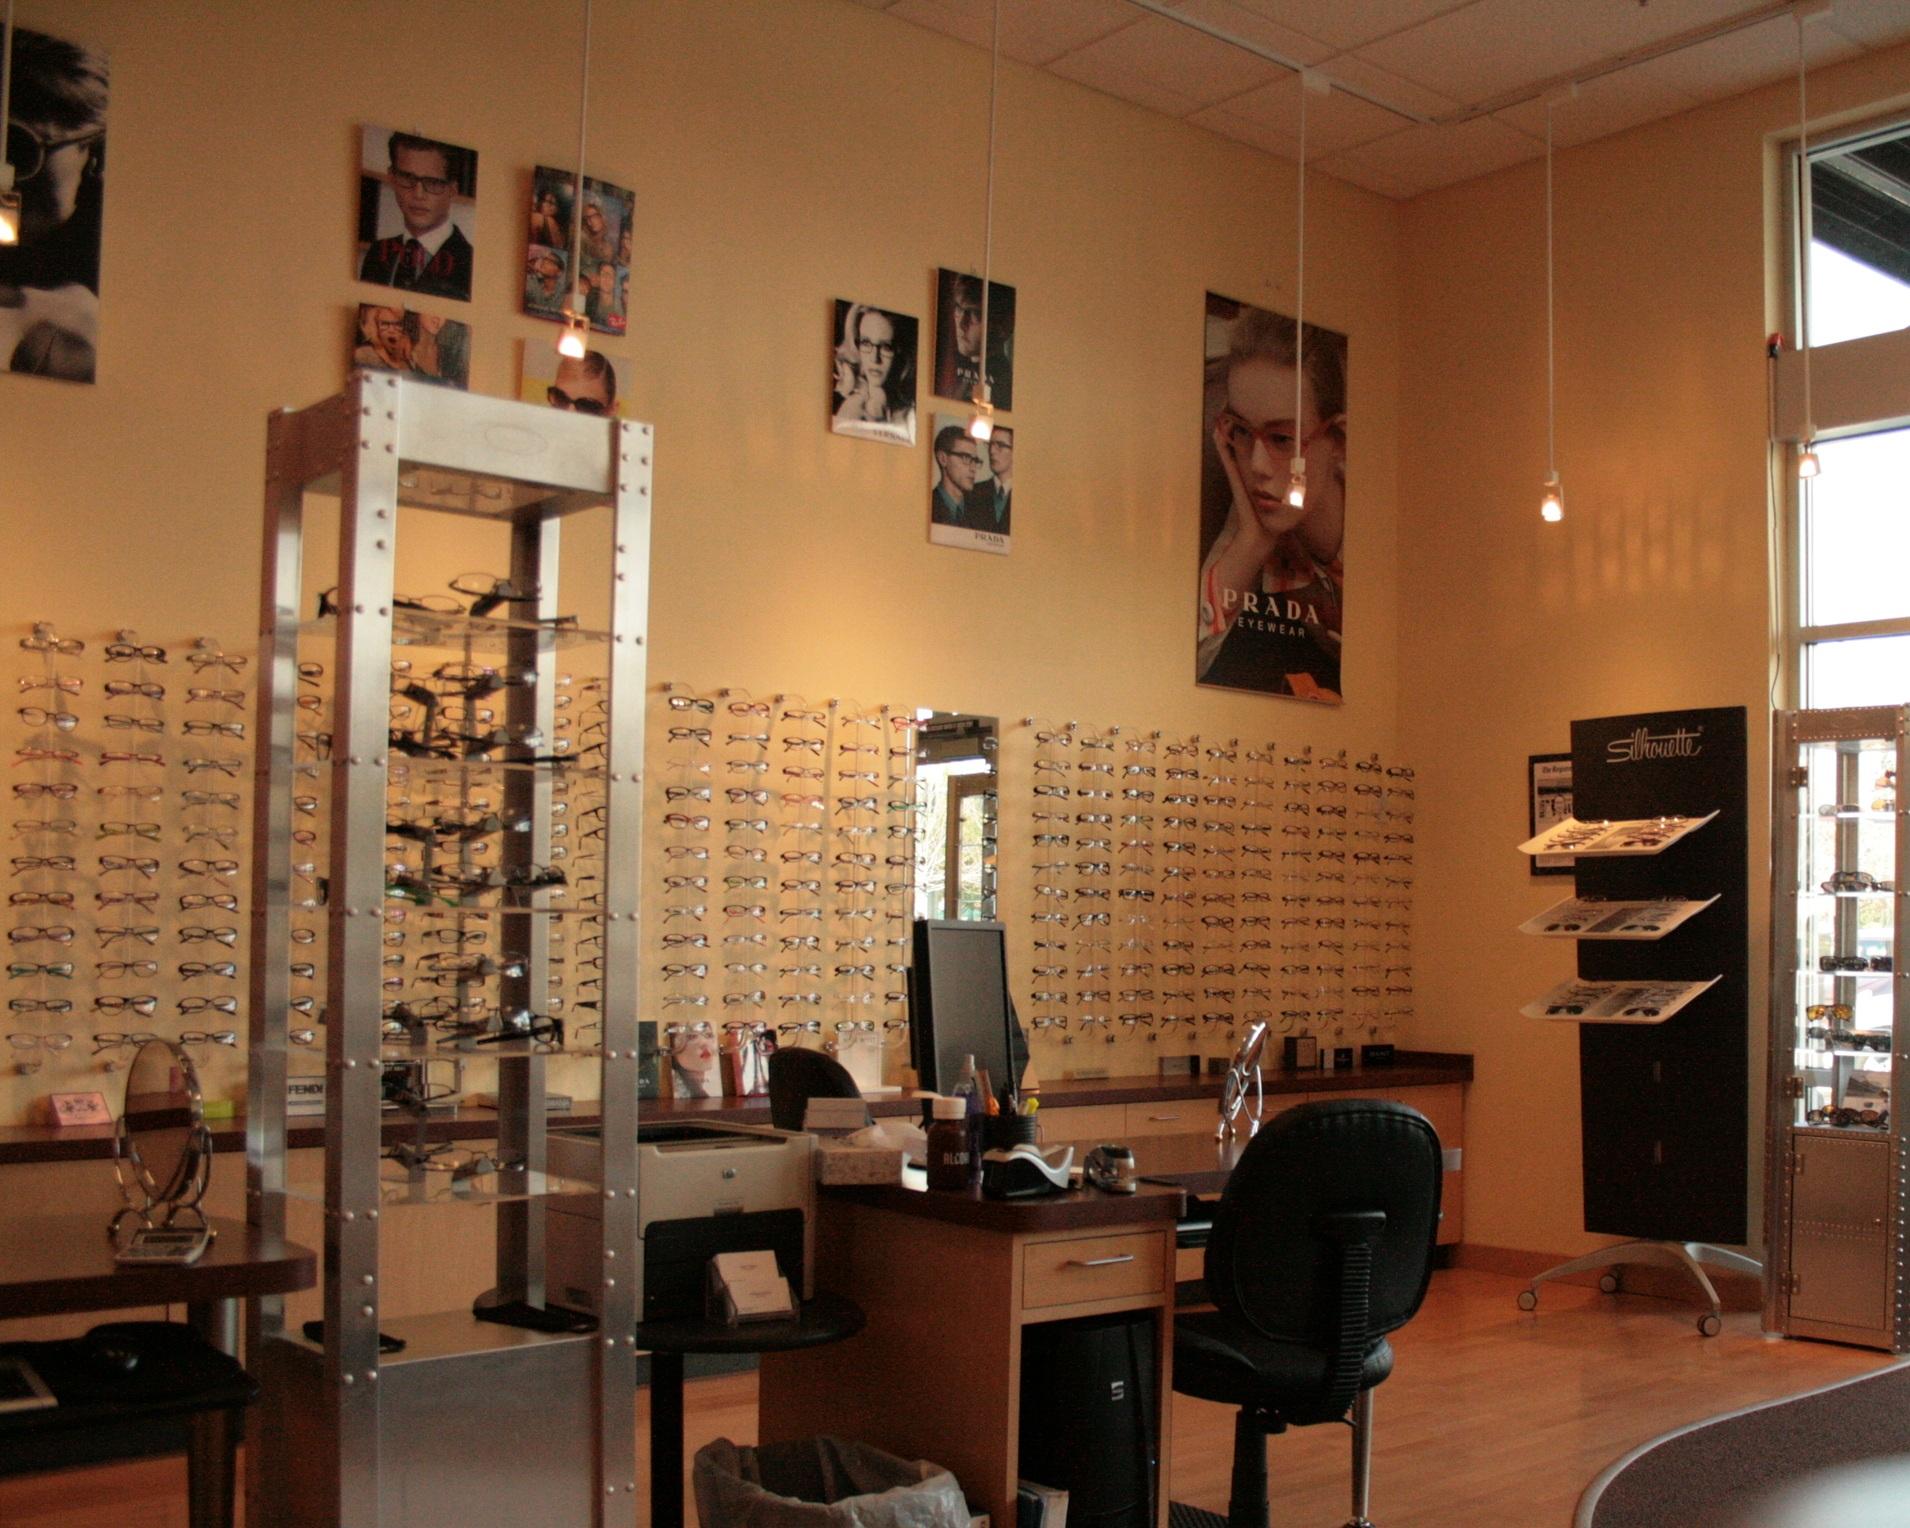 Eugene Eyewear